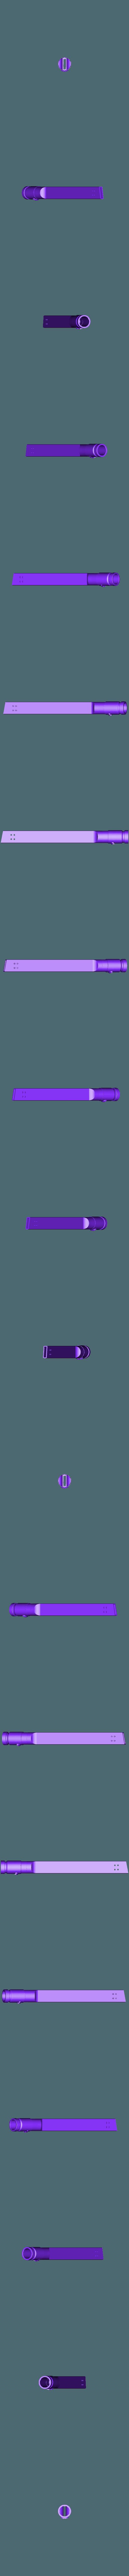 dyson51.stl Download free STL file Un embout compatible pour l'aspirateur Dyson • 3D printing object, Cyborg